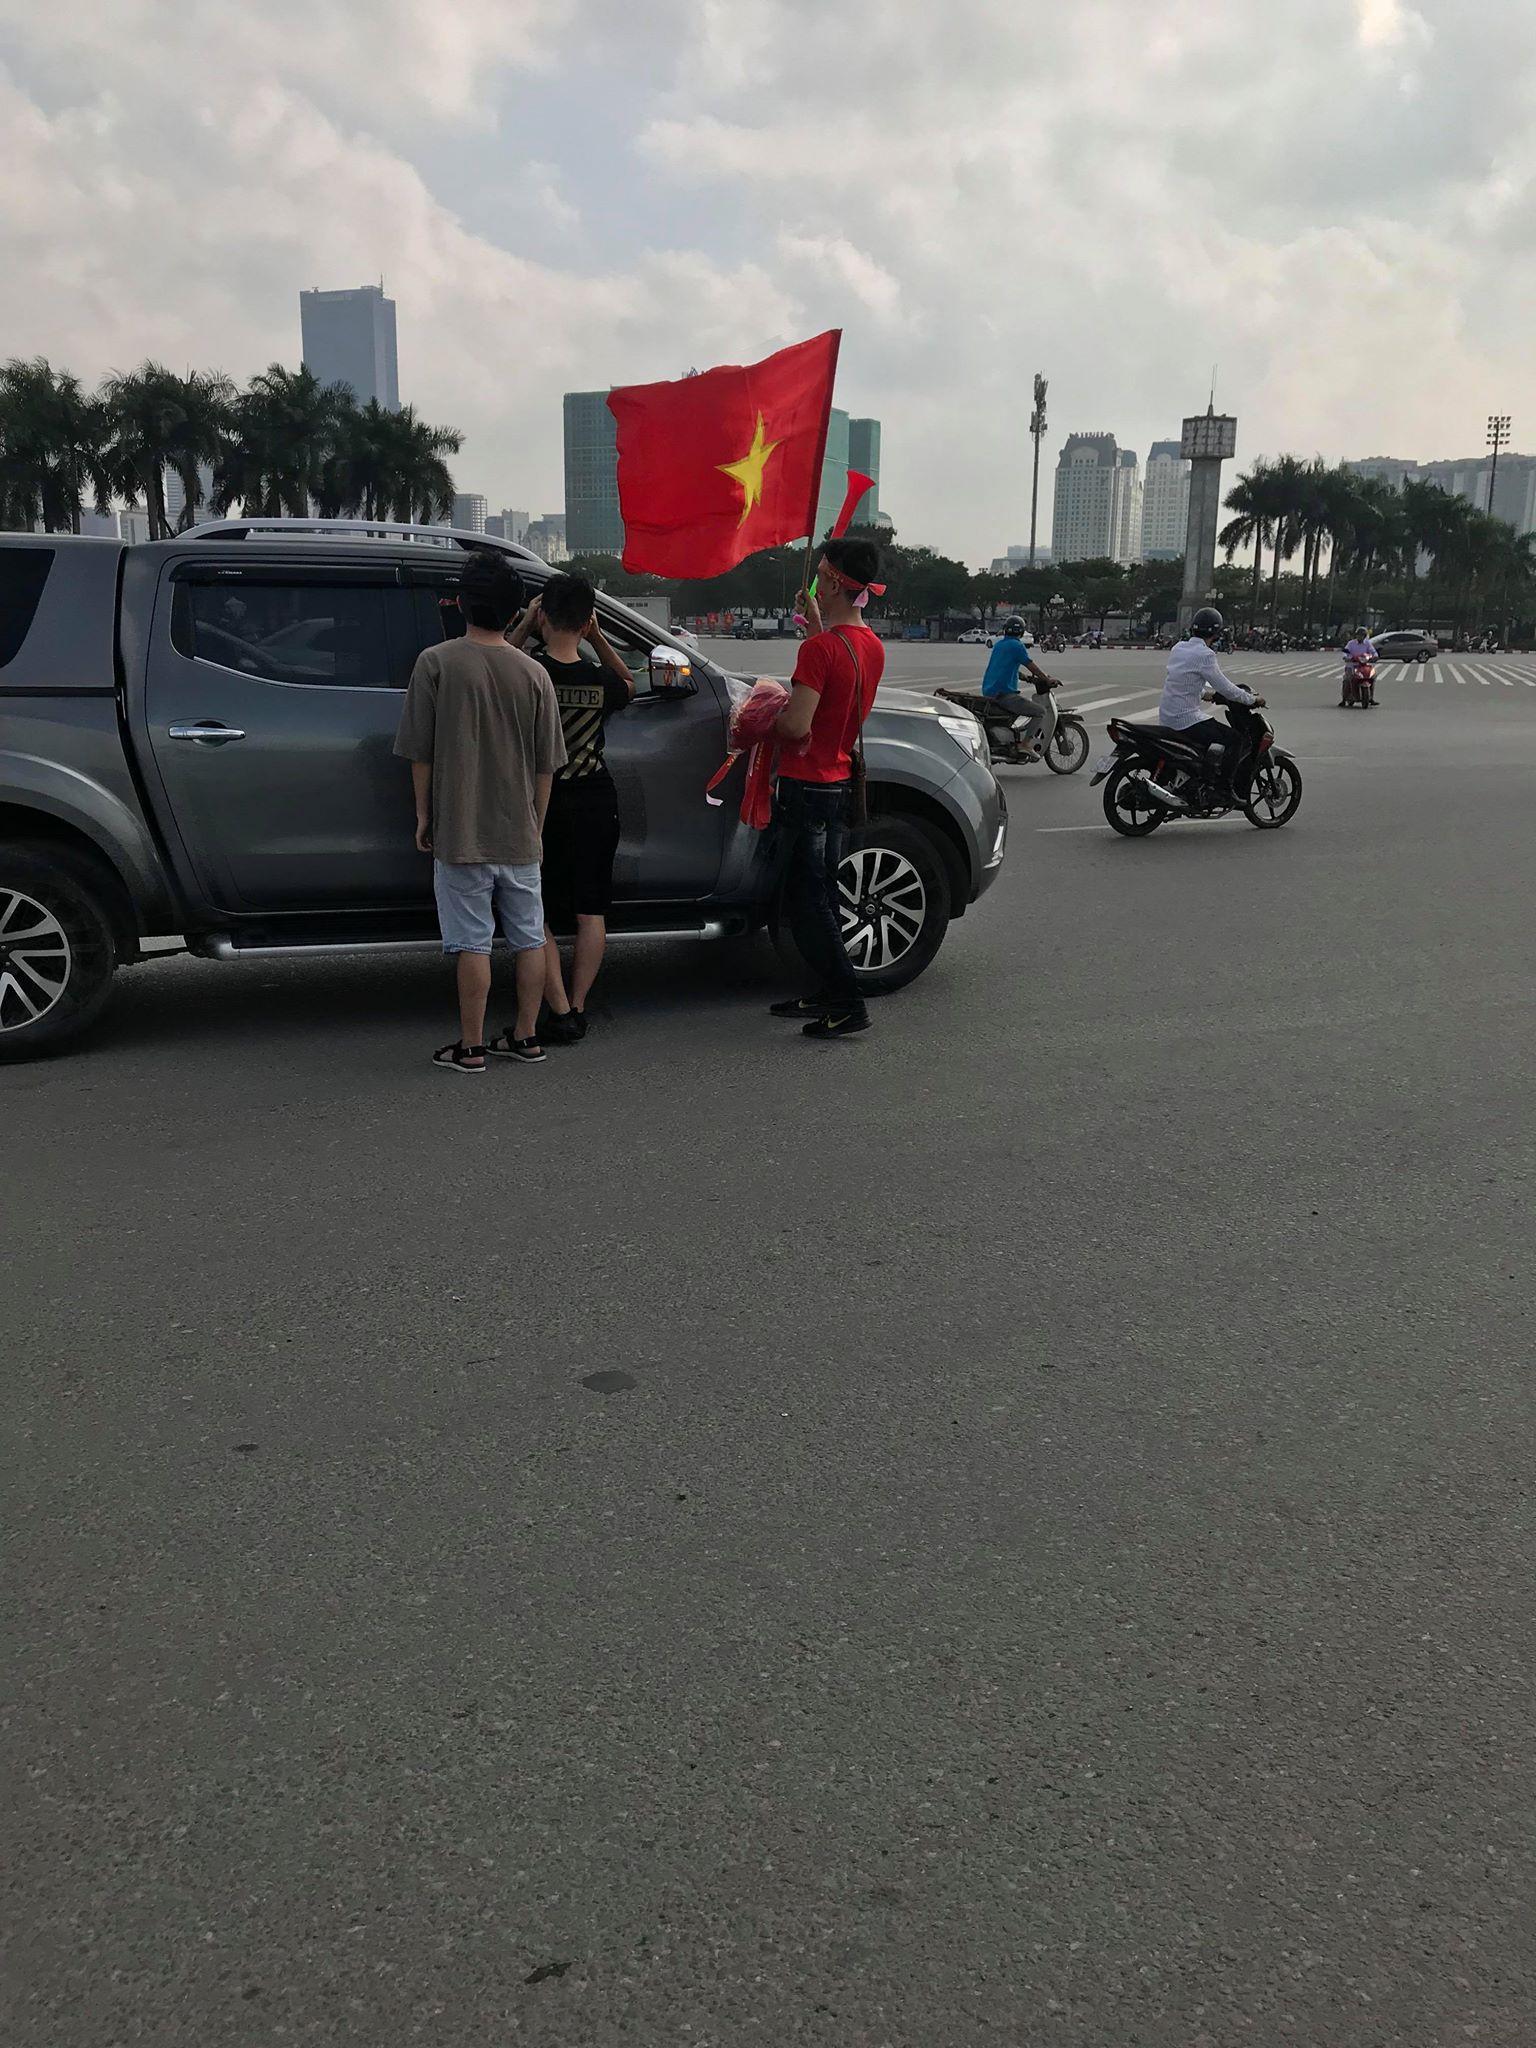 Hà Nội: Các cầu thủ mới chuẩn bị ăn bữa chiều mà CĐV đã tranh thủ ra đường đi bão trước cho có không khí - Ảnh 8.